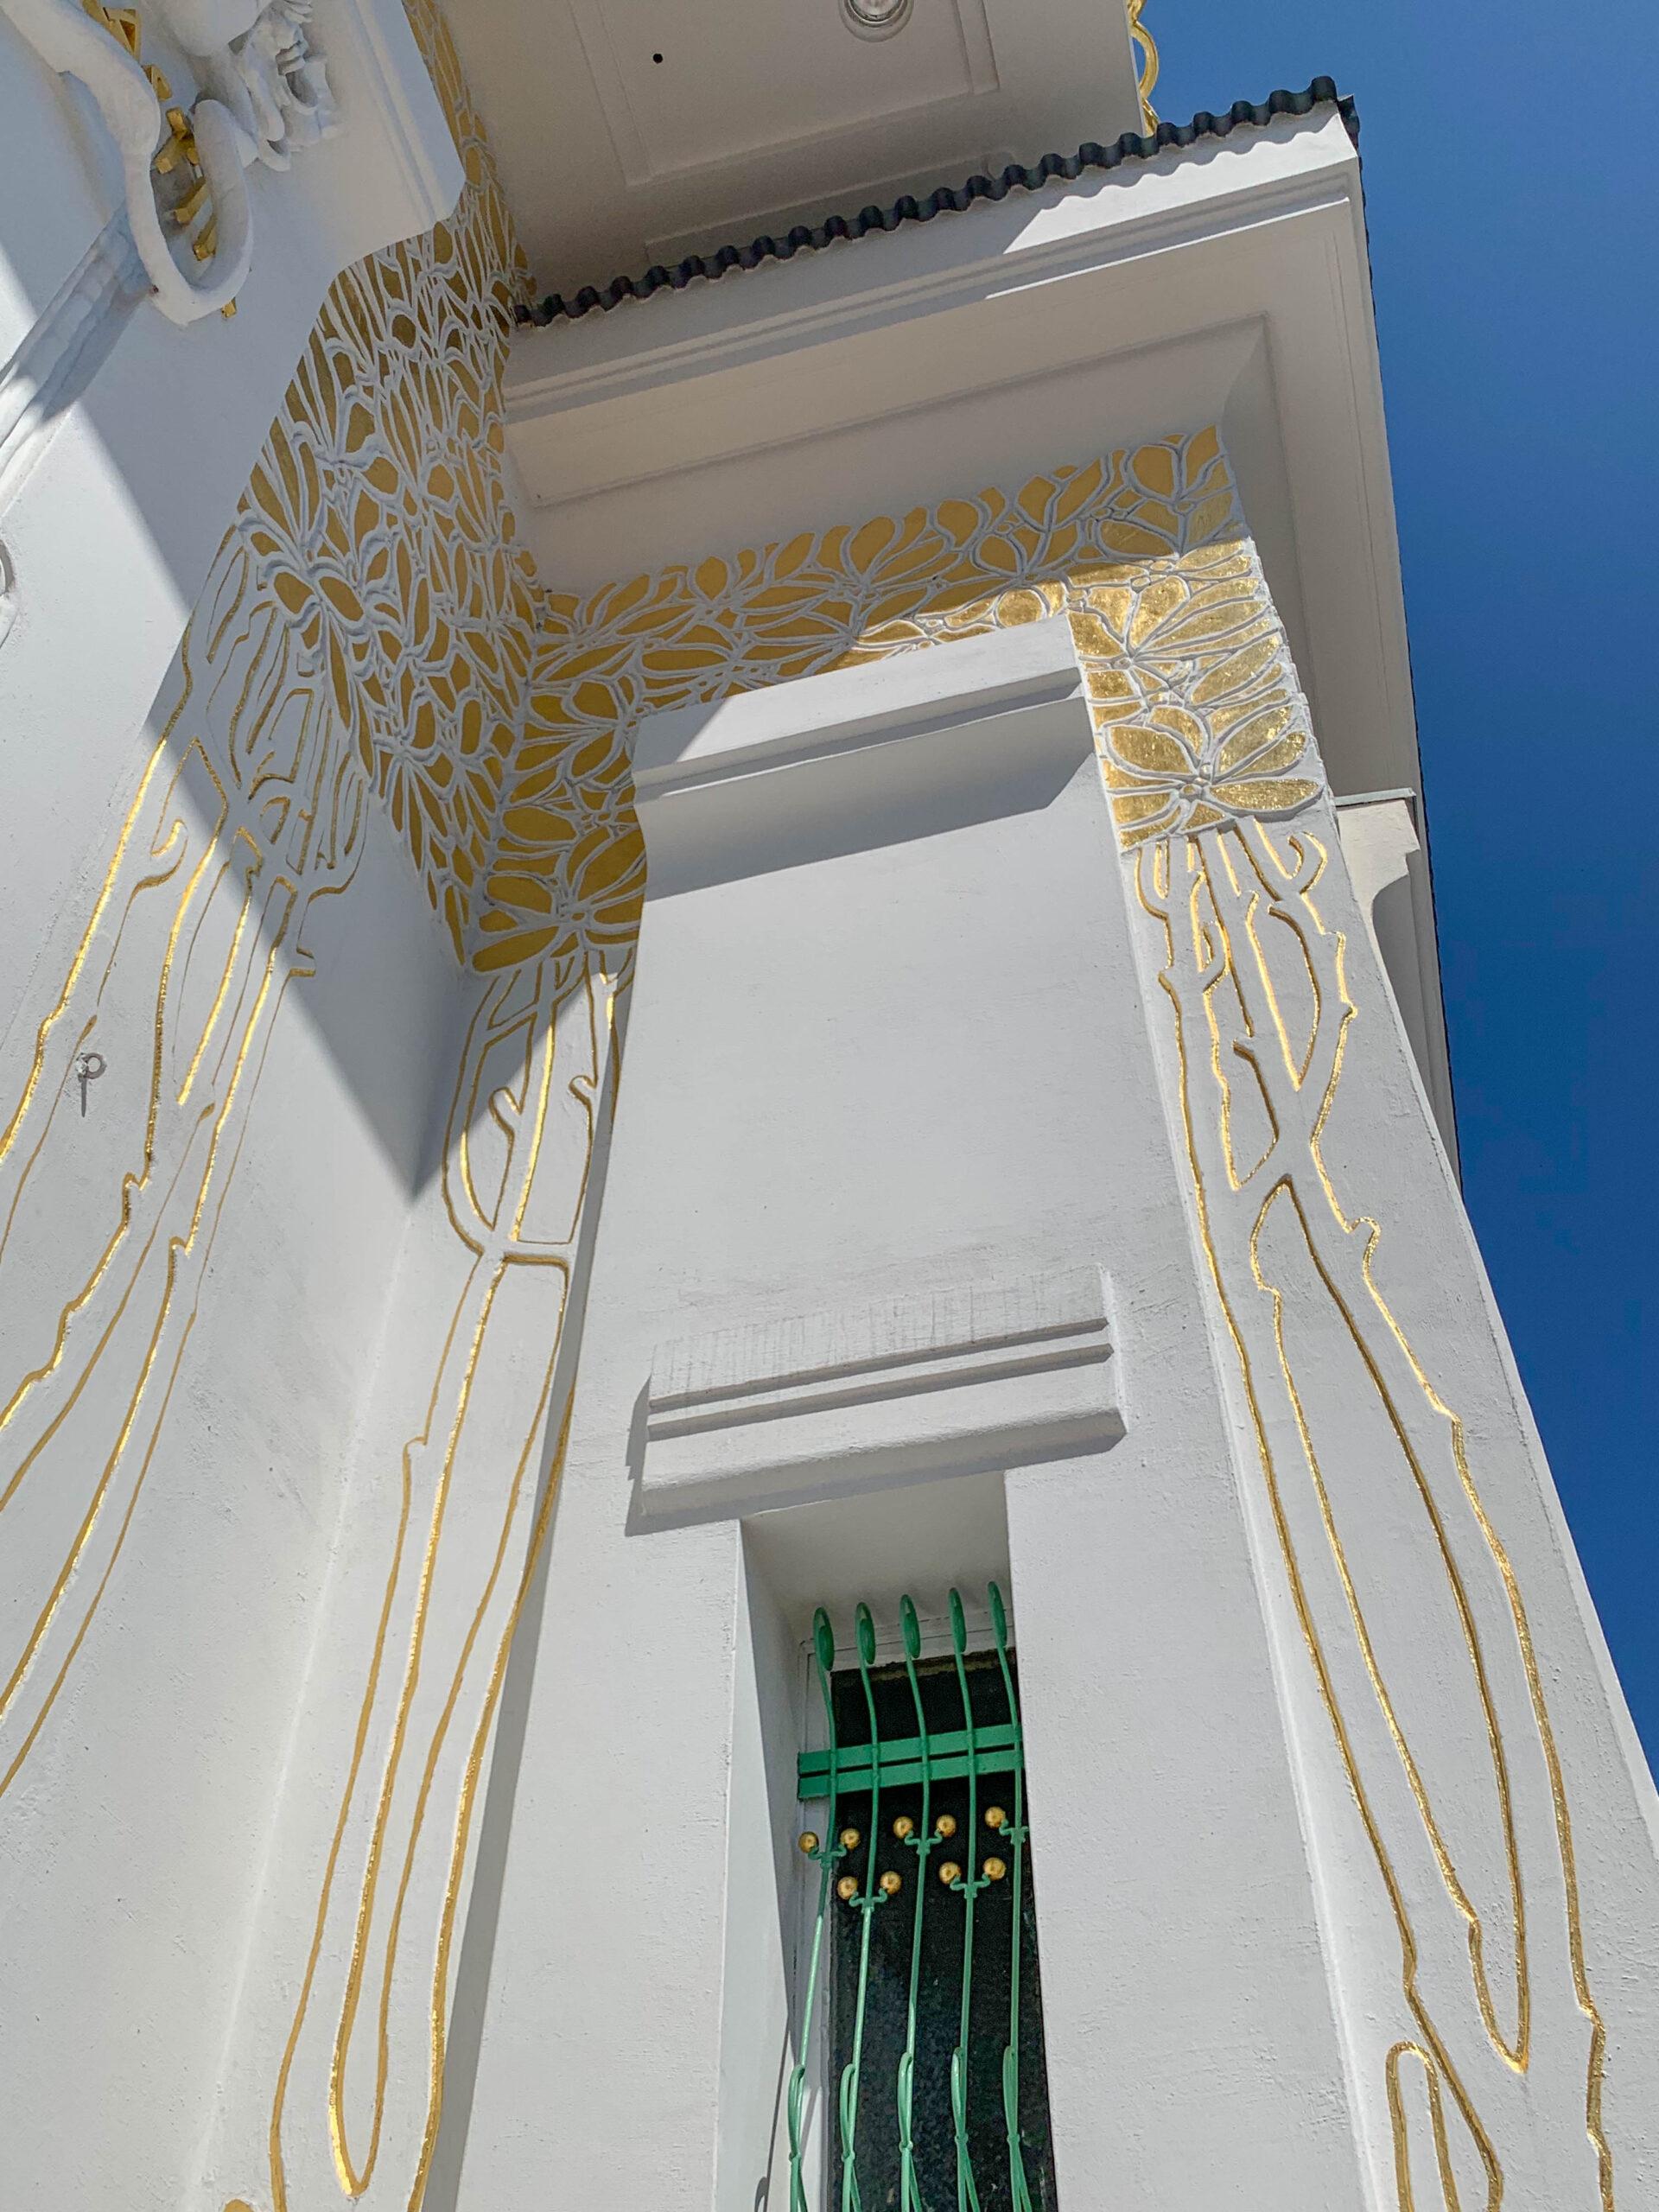 Ausstellungsgebäude der Wiener Secession, 1897-1898. Architekt: Joseph Maria Olbrich